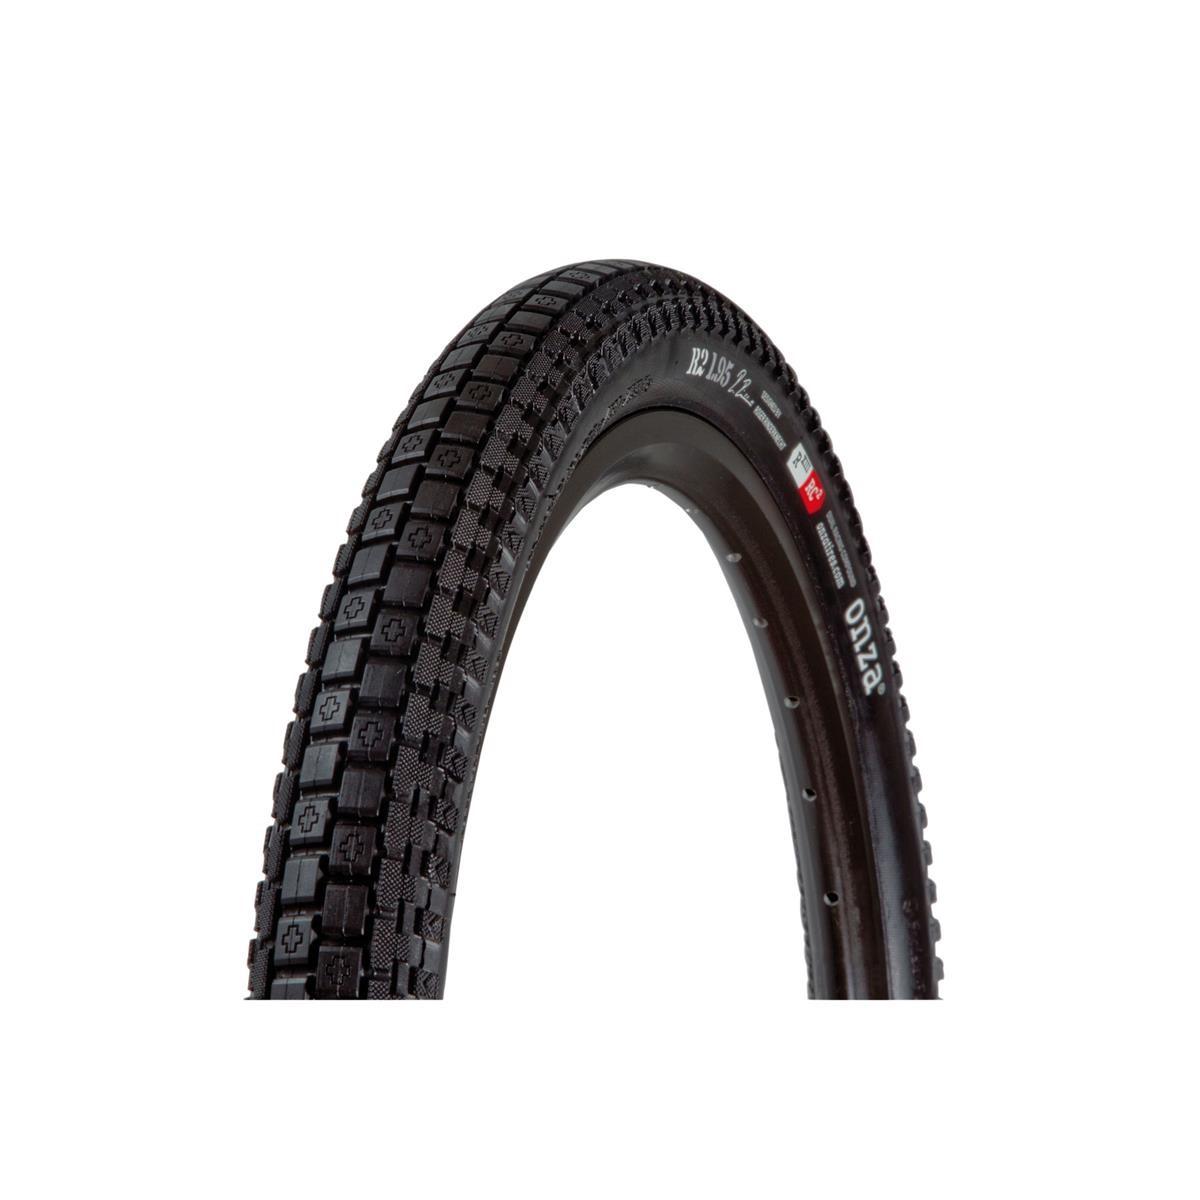 Onza Fahrradreifen R2 BMX, 20 x 1.75, Schwarz